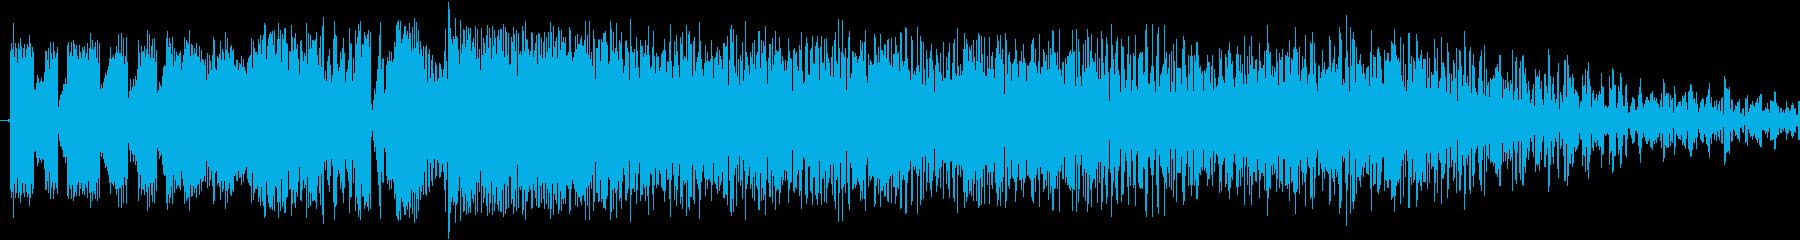 ロケット巻き戻しの再生済みの波形